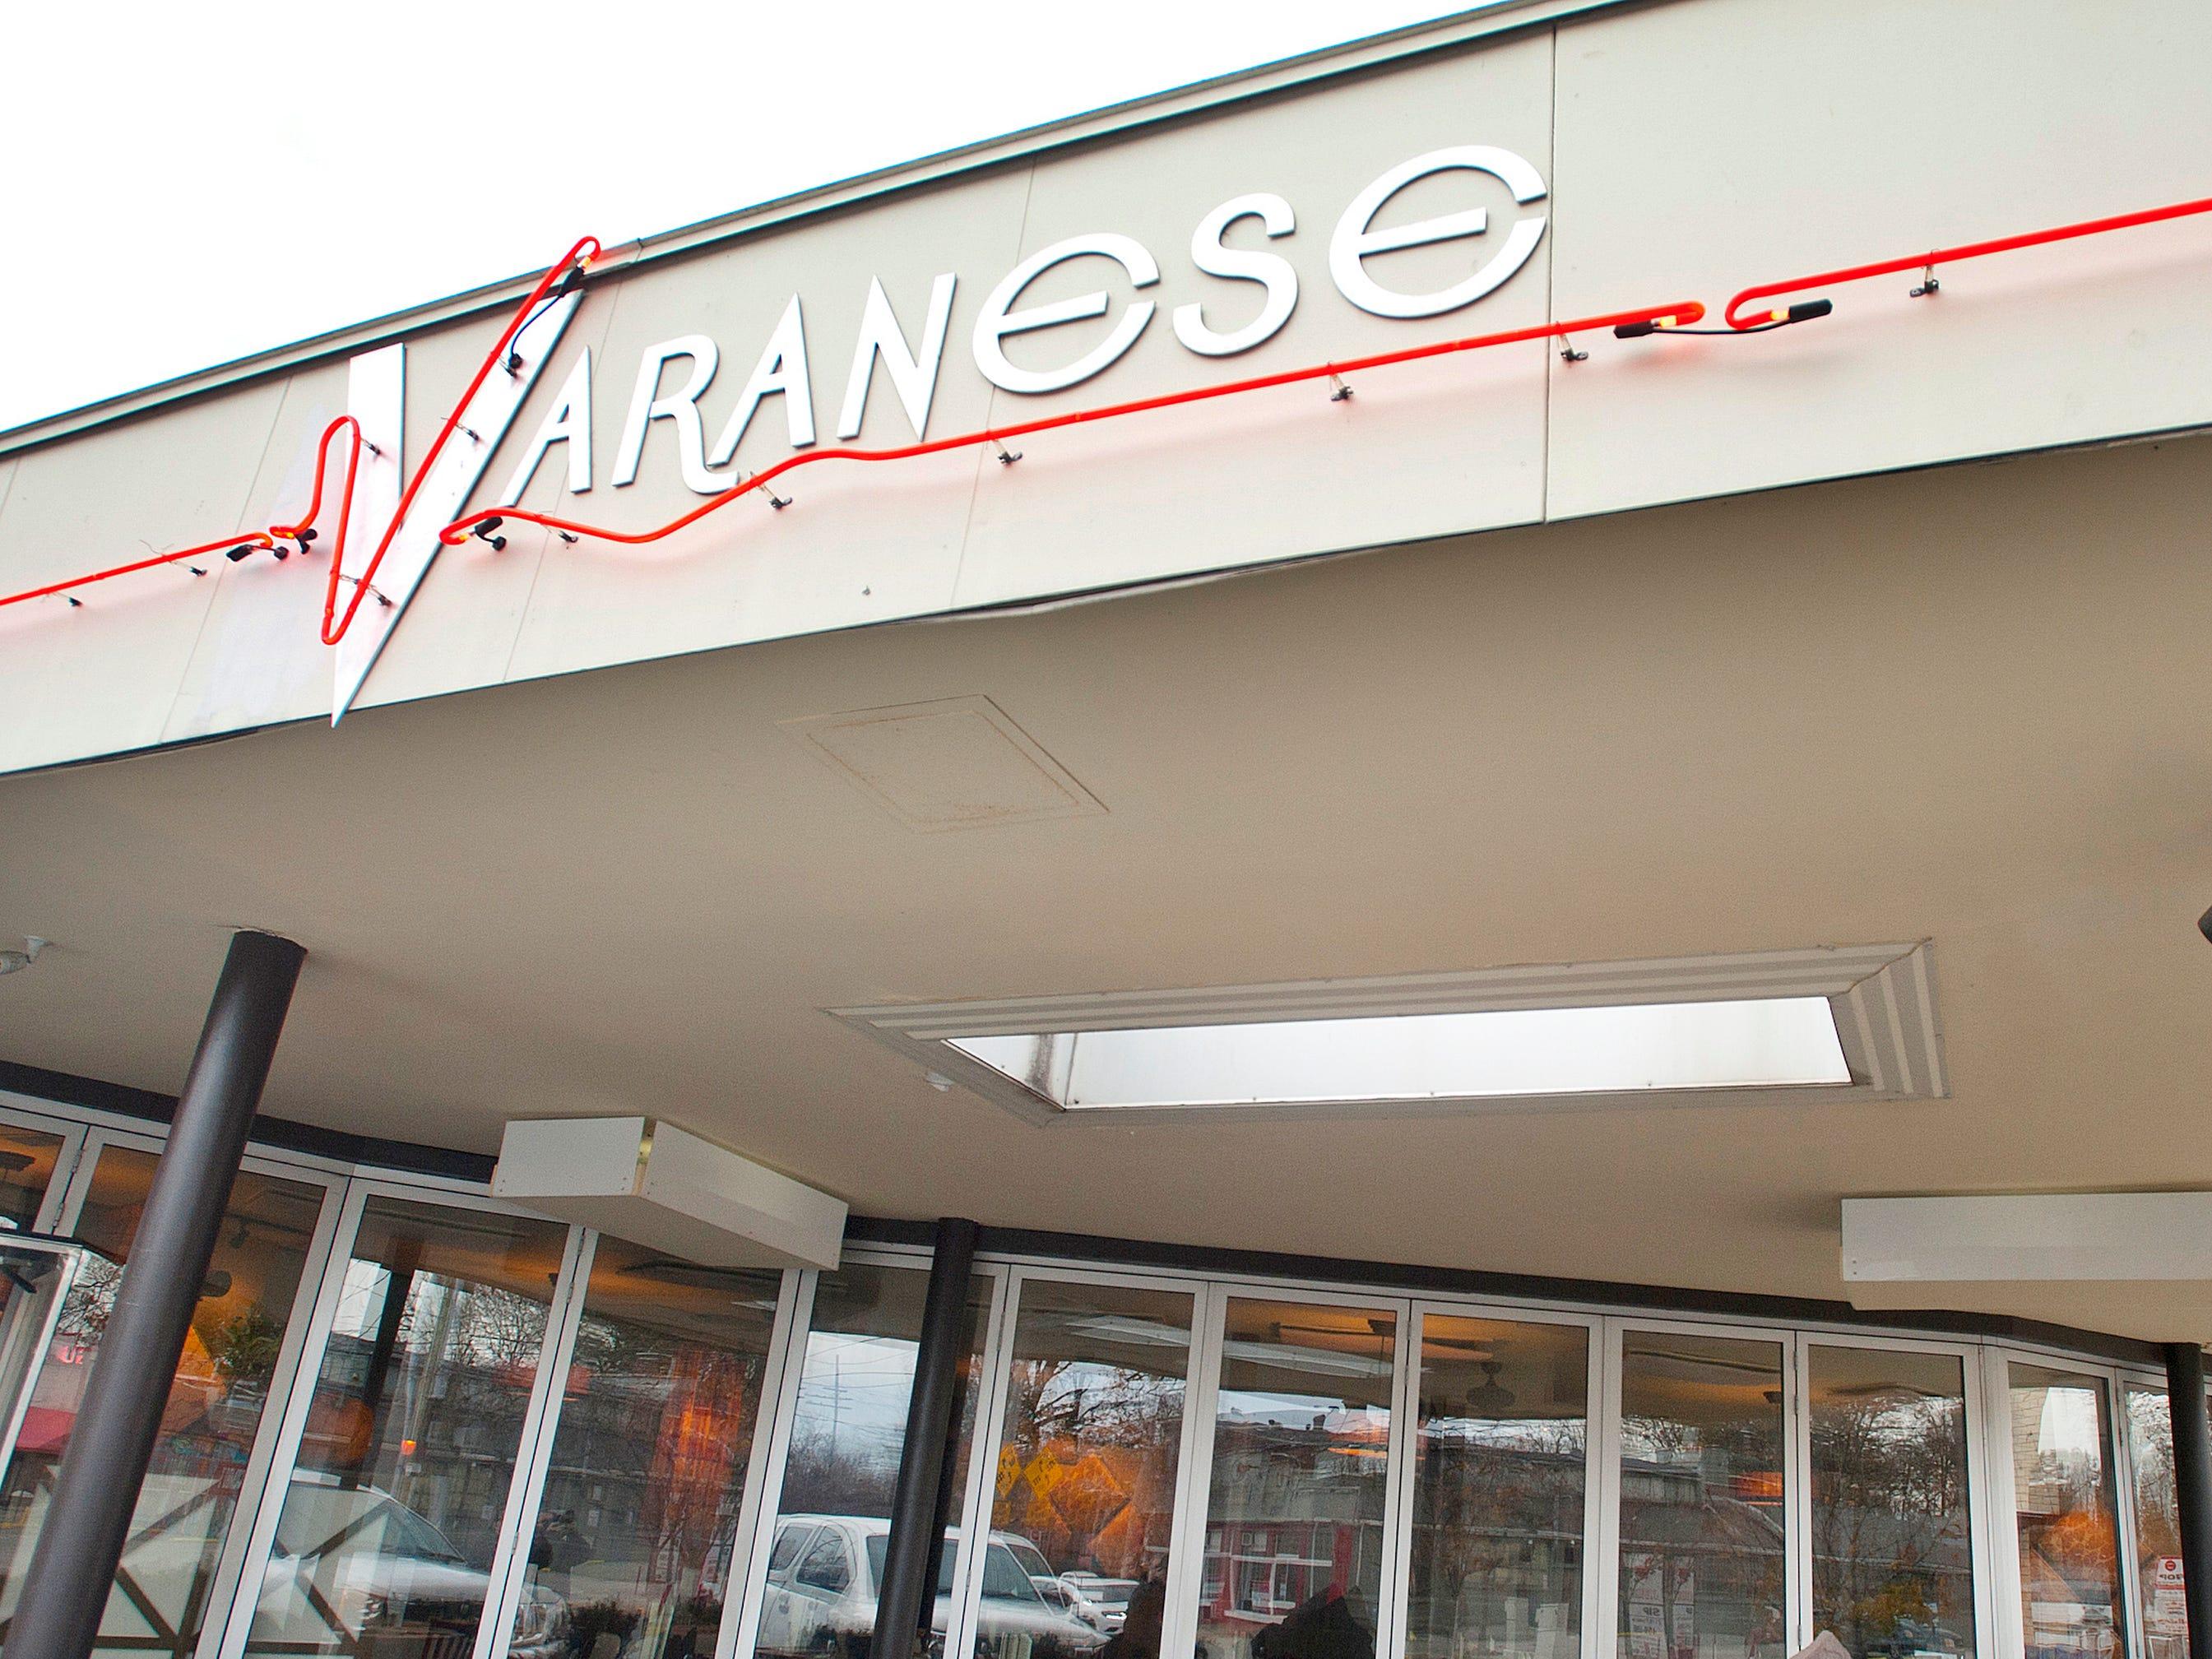 The Varanese Restaurant on Frankfort Avenue. November 14, 2018